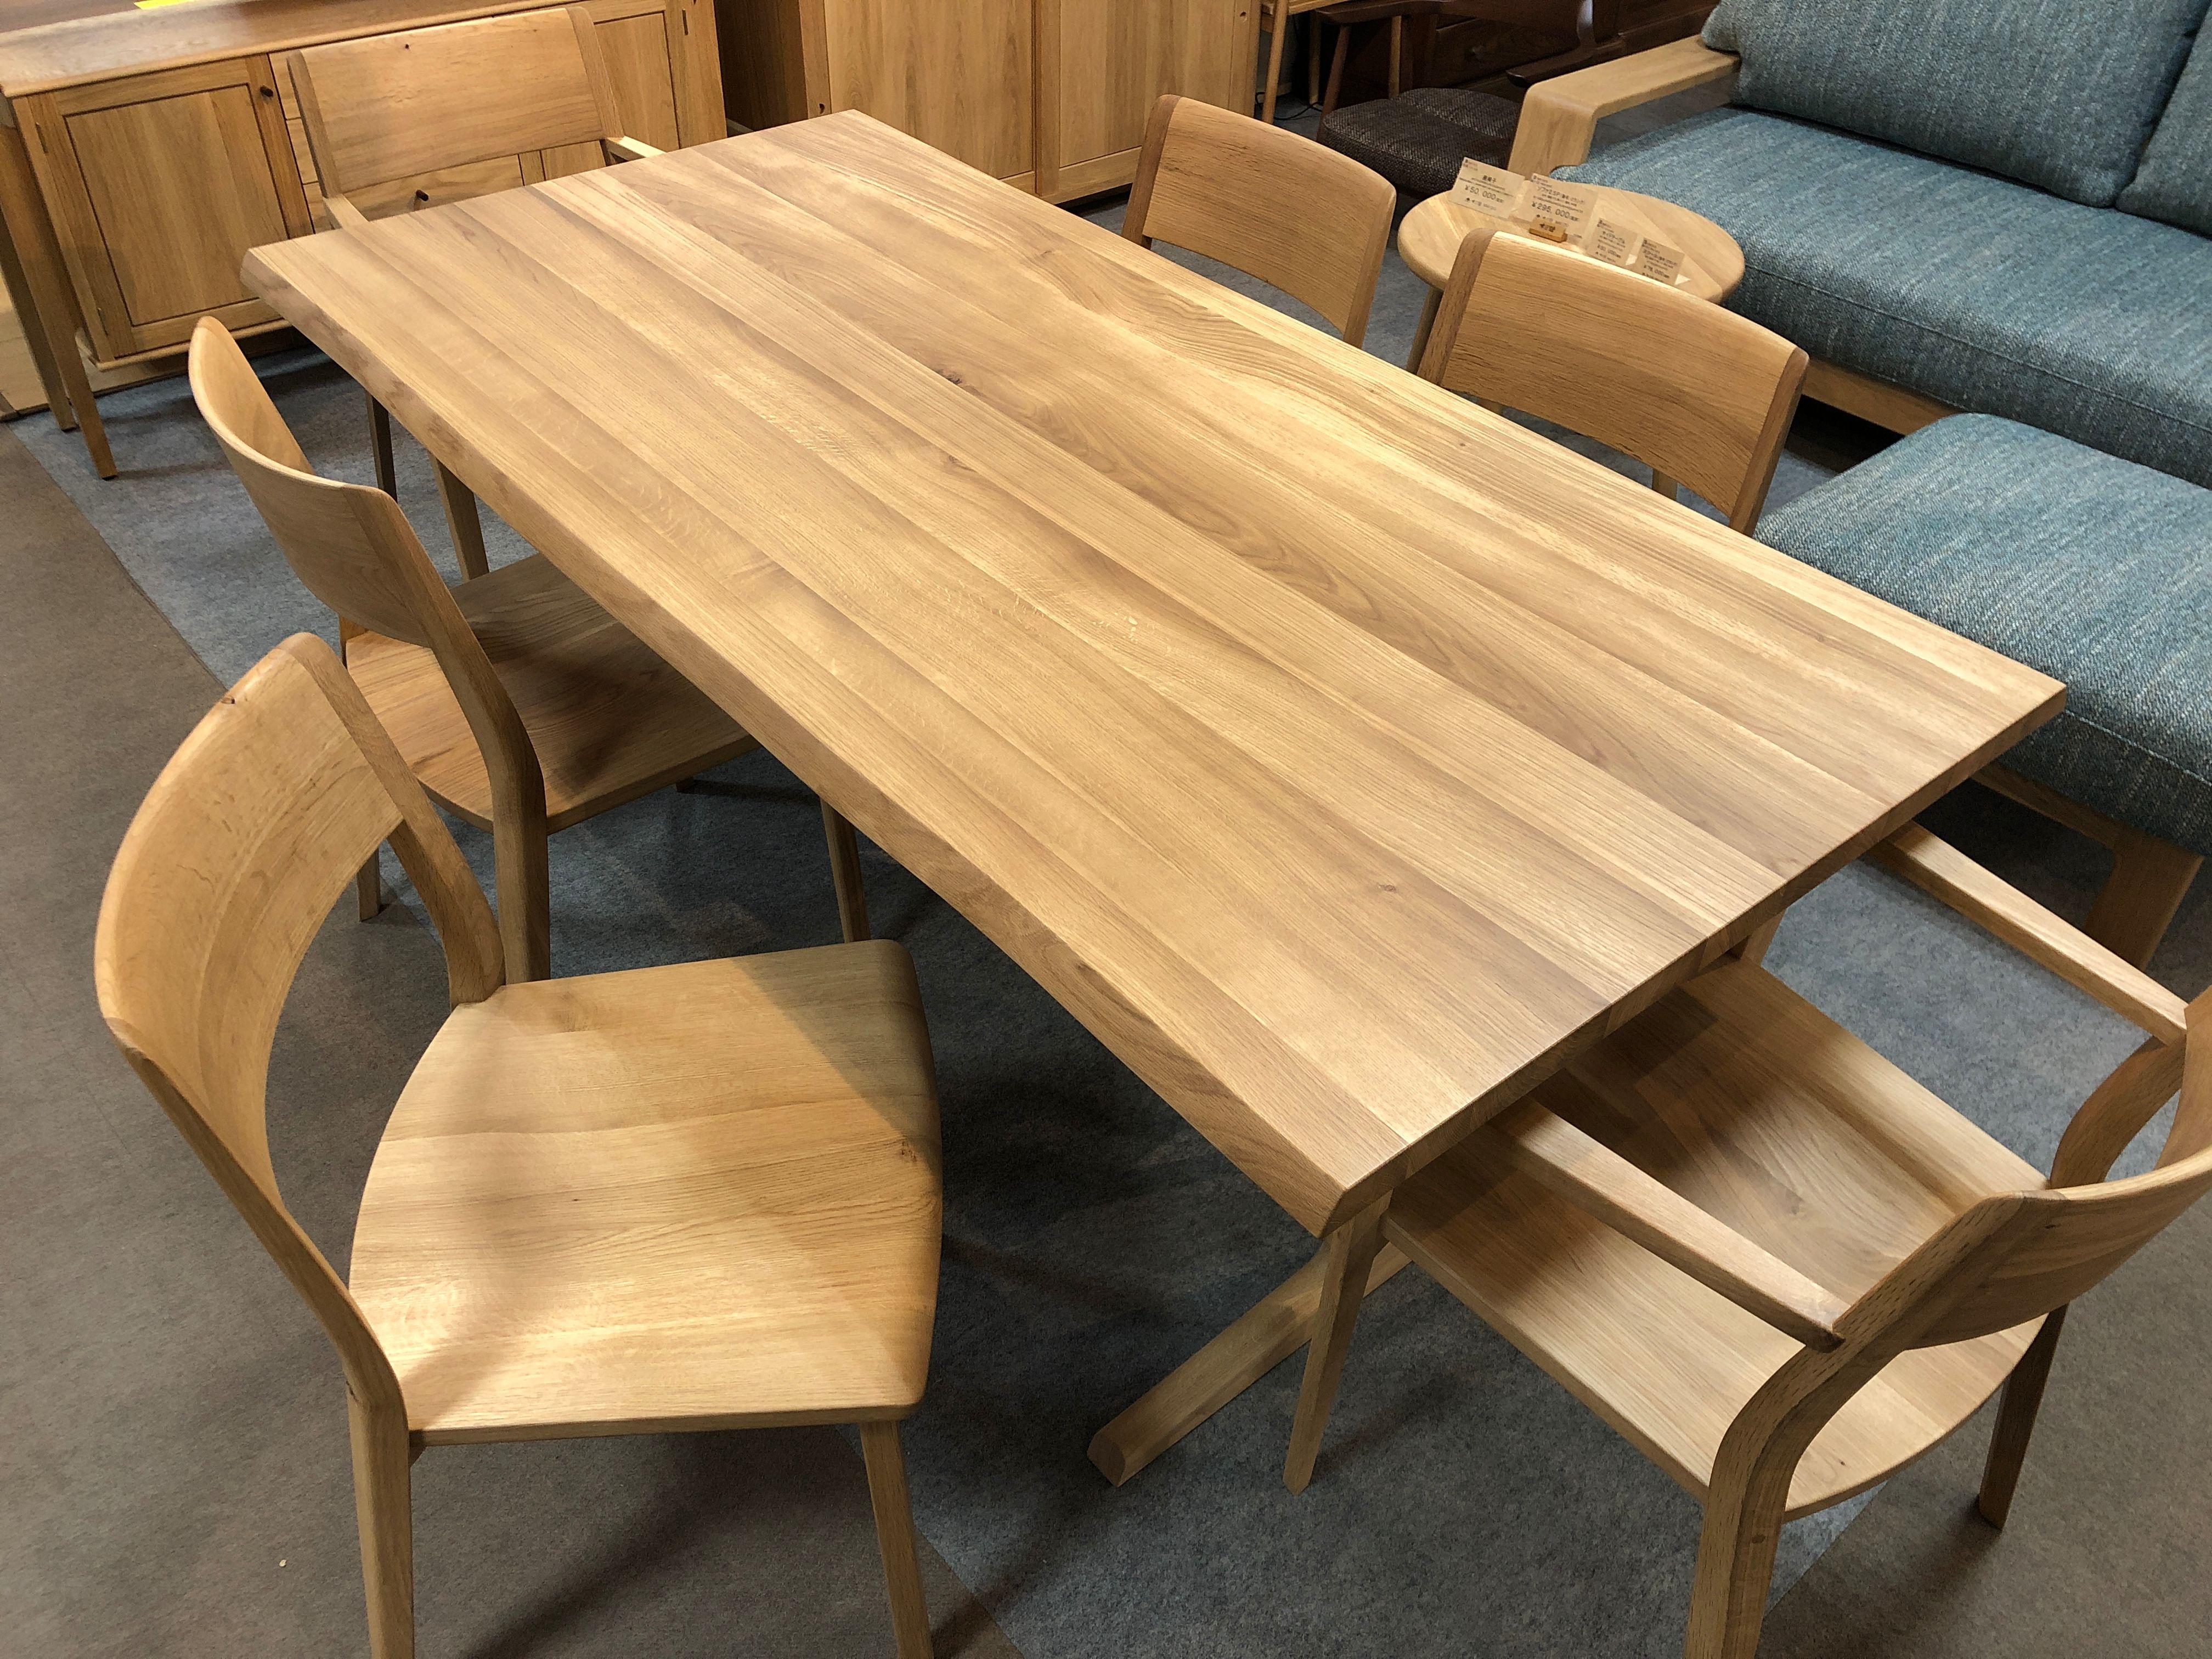 飛騨産業 風のうた ダイニング テーブル チェア 無垢 天然木 飛騨の家具 大阪 木匠舘マイドゥ 枚方家具団地